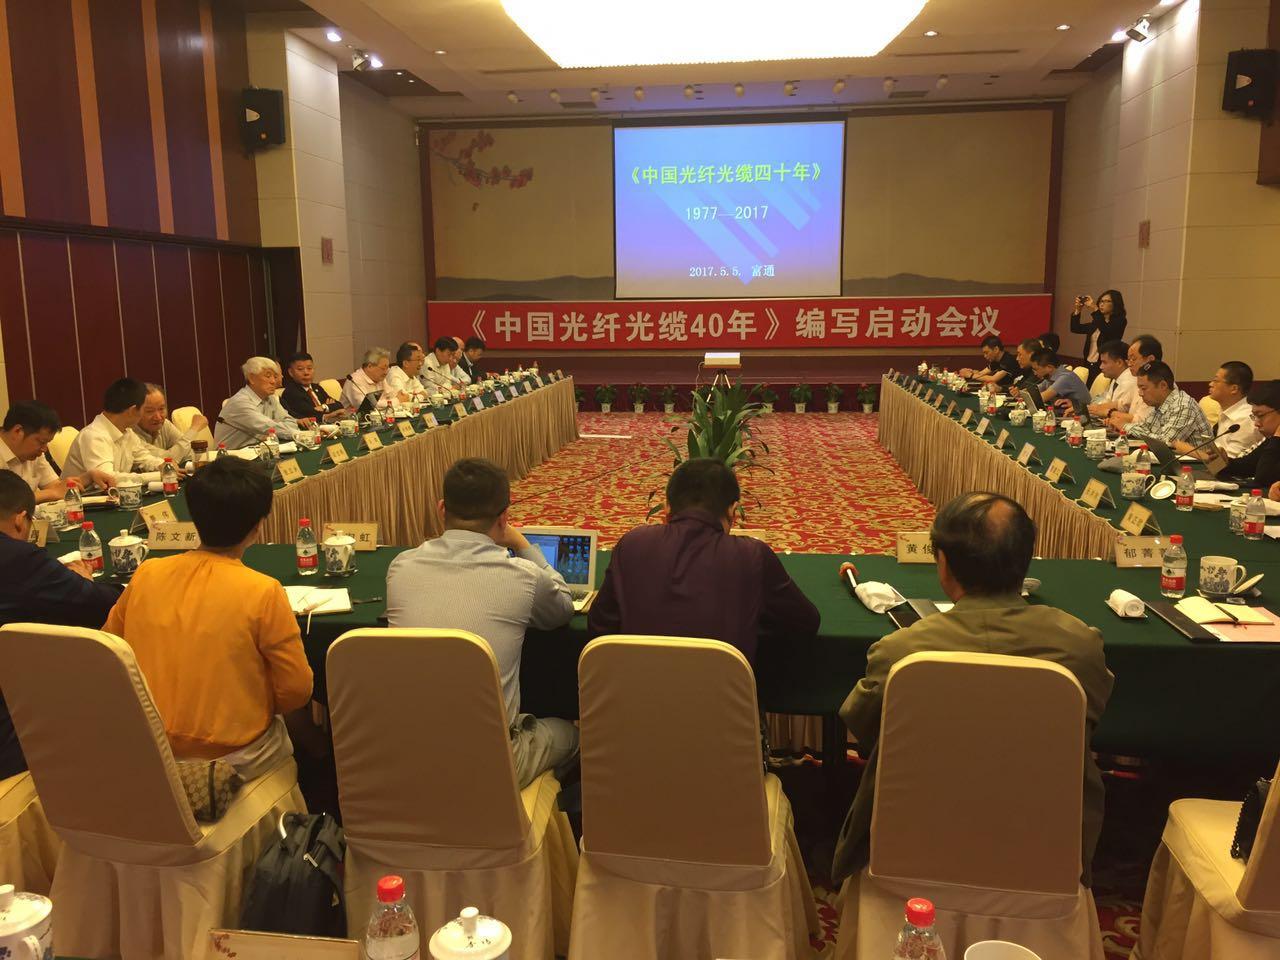 《中国光纤光缆40年》我们到底需要记录什么?